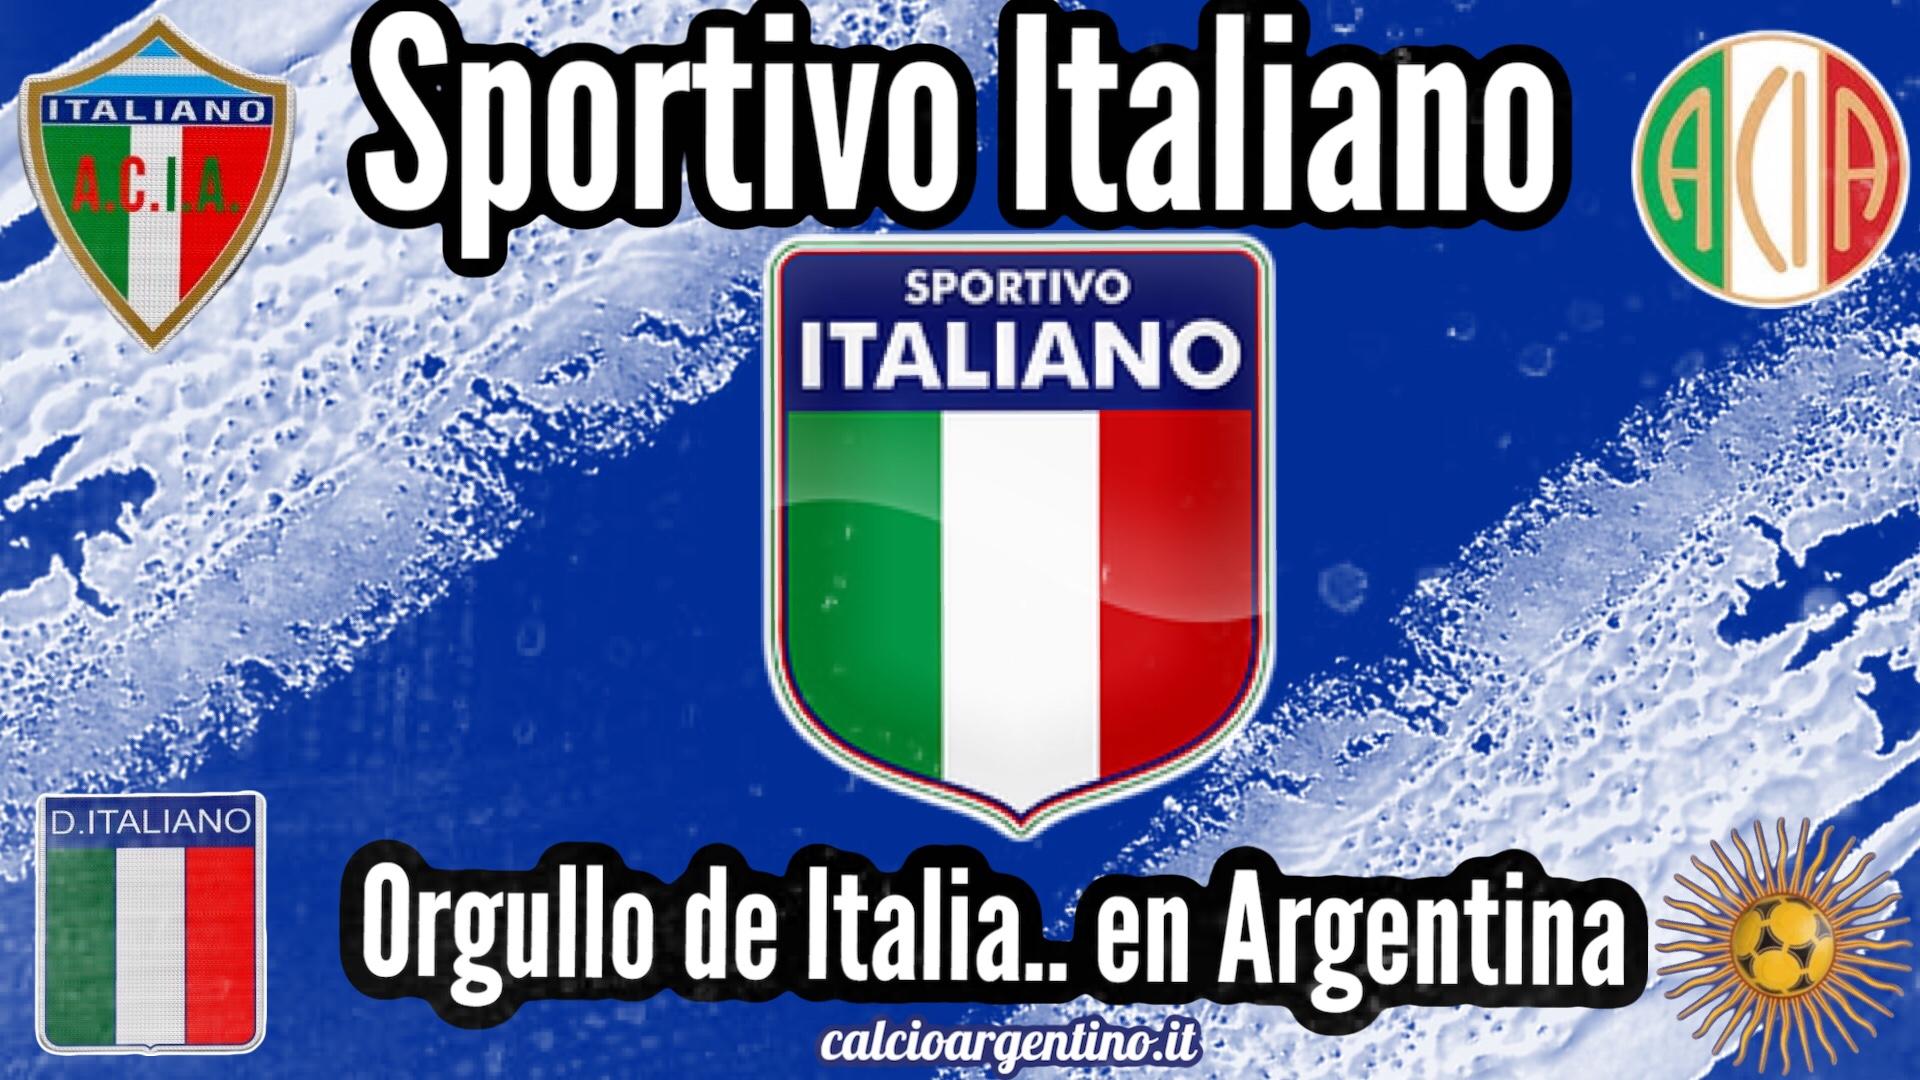 Sportivo Italiano, orgullo de Italia.. en Argentina